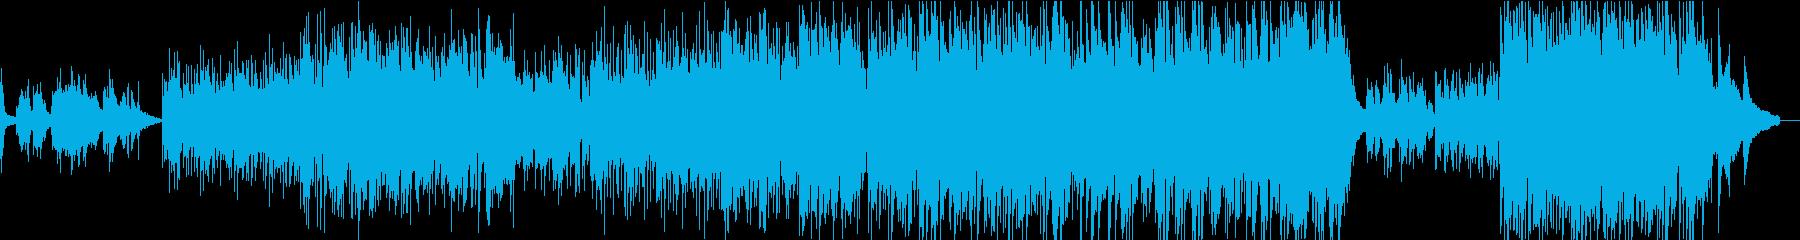 初夏・新緑 躍動感ある爽やかピアノBGMの再生済みの波形